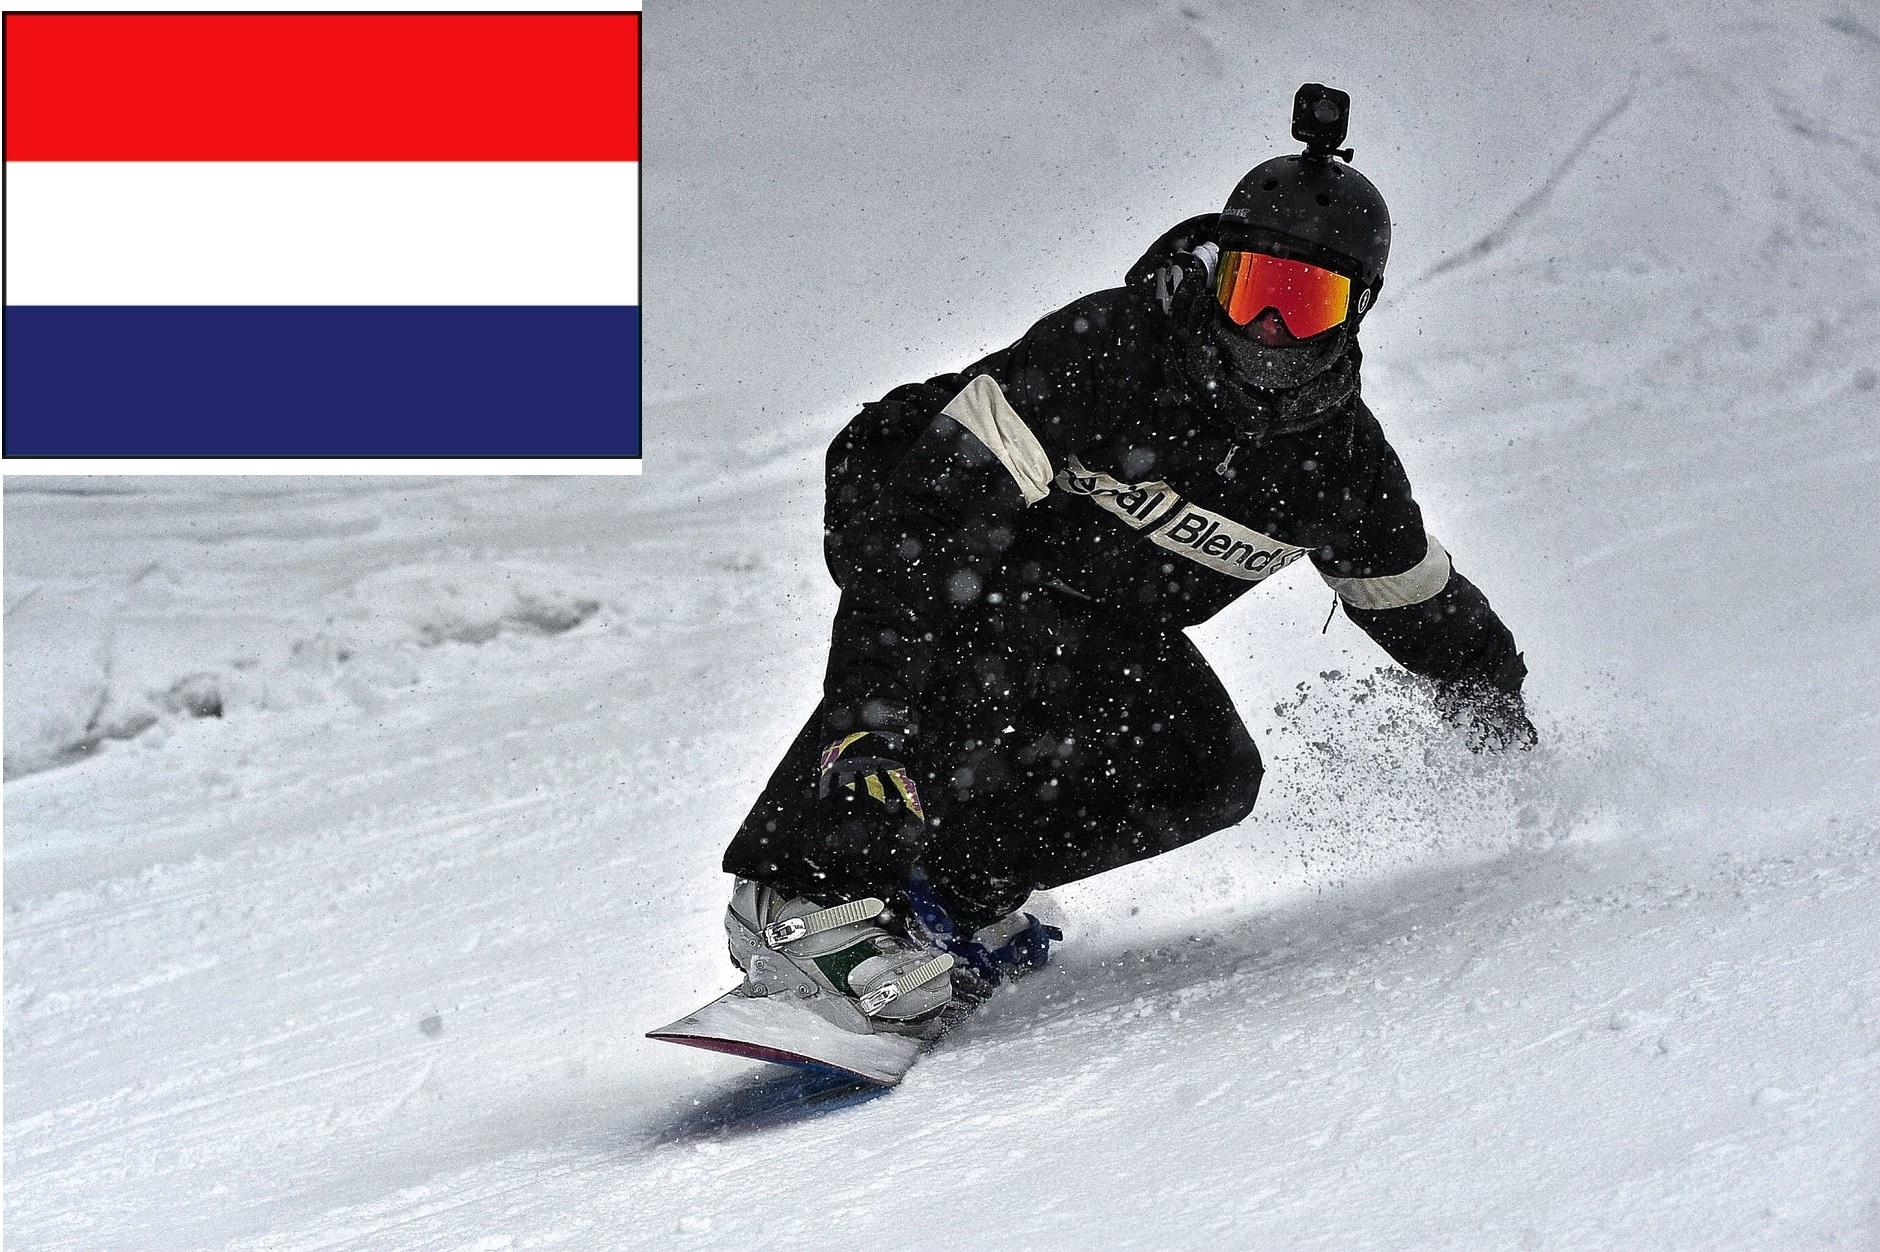 Nederlandse snowboarders